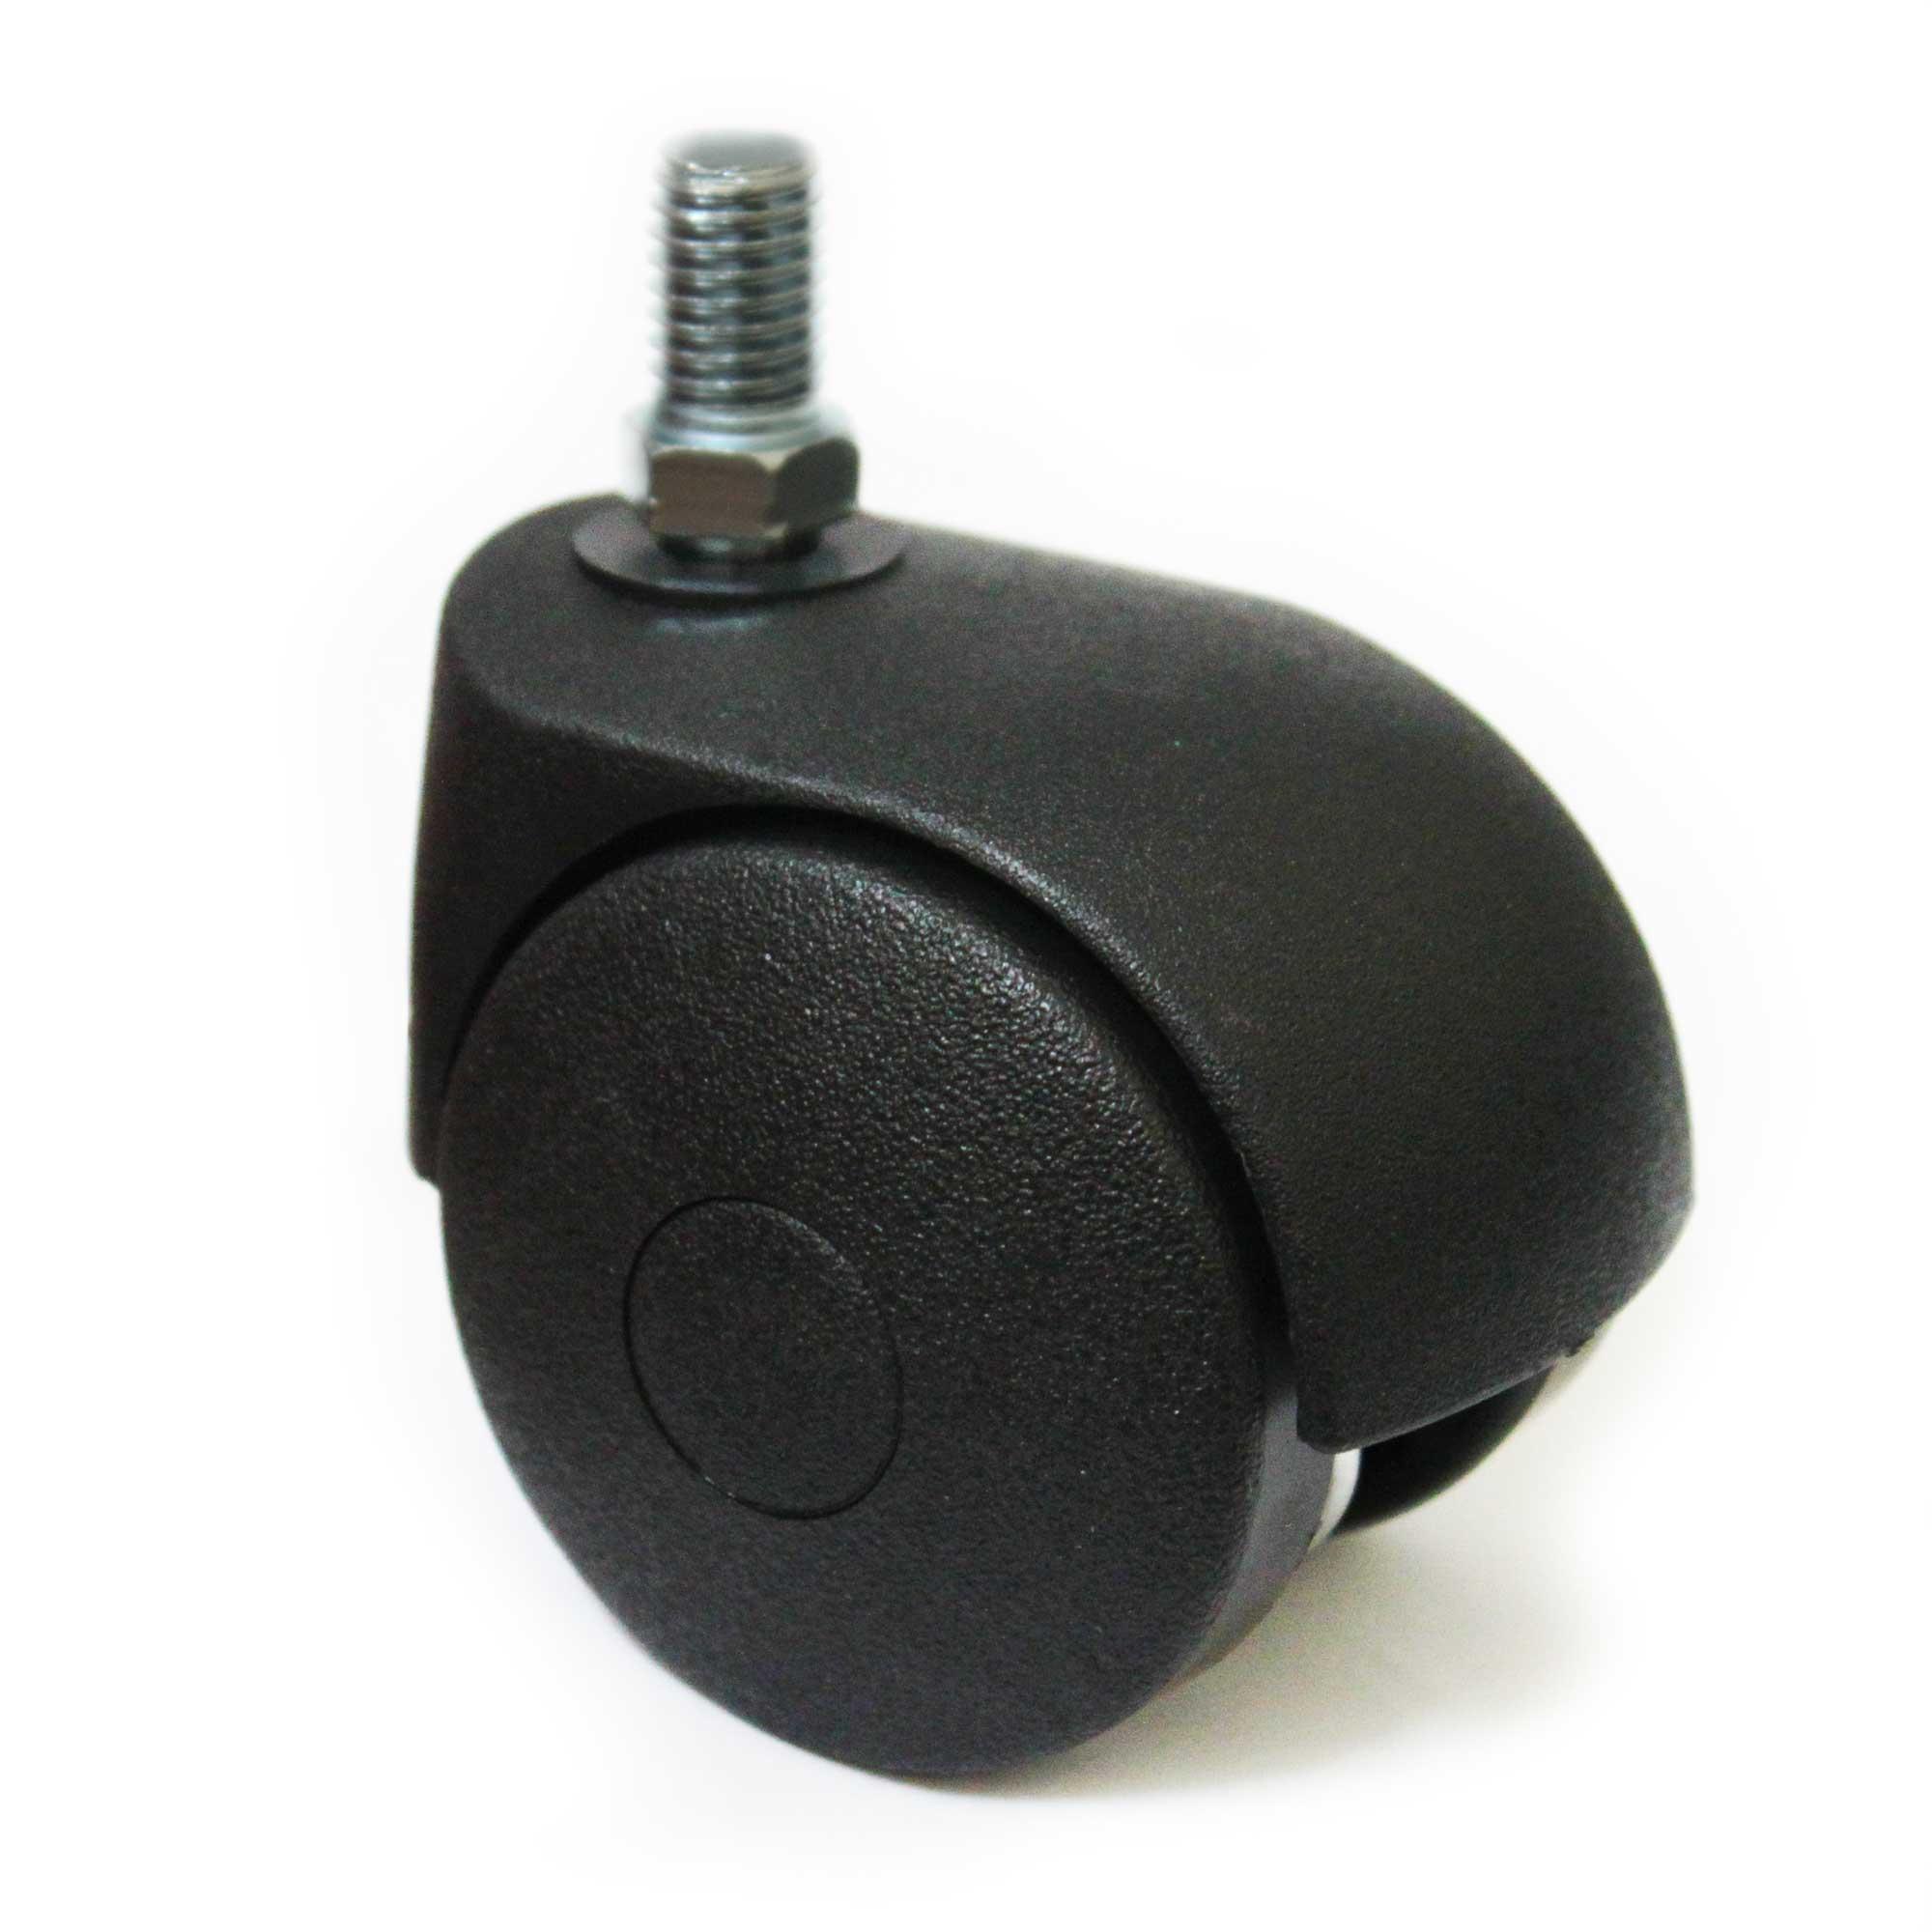 Lenkrolle 50mm, ohne Bremse, M8 Gewinde